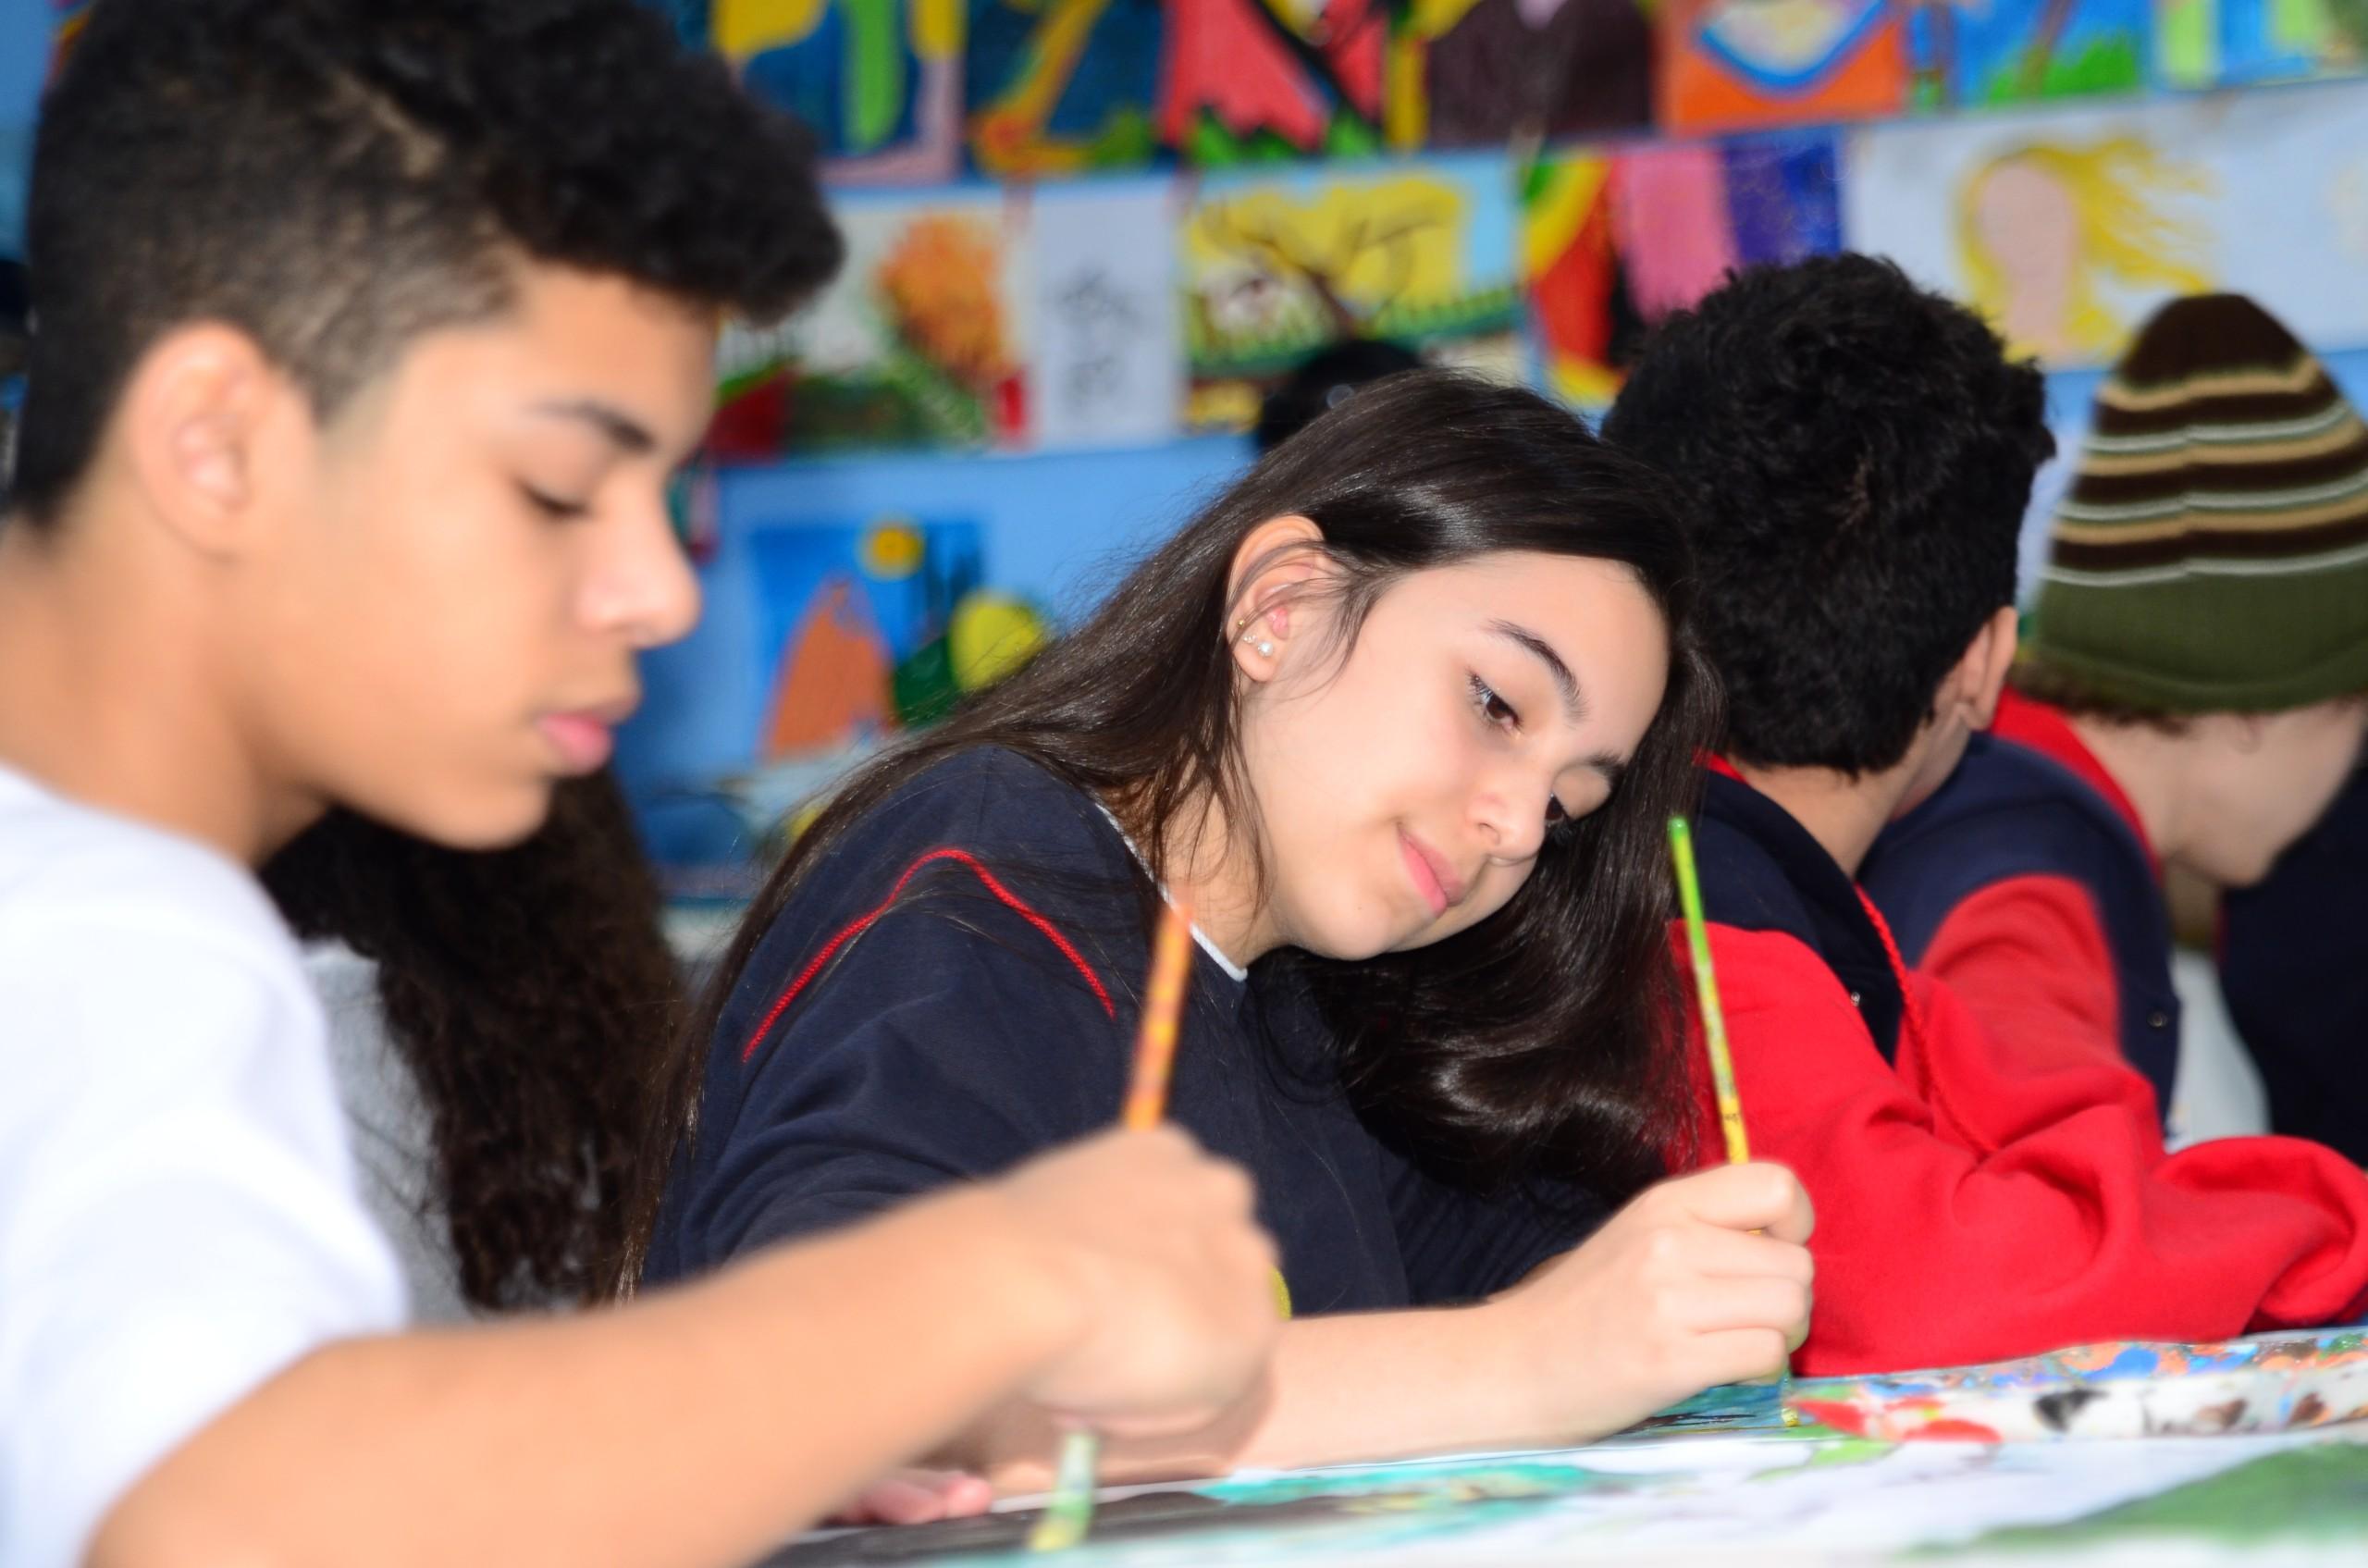 <p>O Colégio Guarapiranga inicia sua campanha de matrículas para o ano letivo de 2020. Preparamos o aluno desde a Educação Infantil, passando pelos dois ciclos do Ensino Fundamental até o Ensino Médio, de maneira a desenvolver as suas capacidades com aprendizado gradativo e contínuo, a fim de que o conhecimento […]</p>